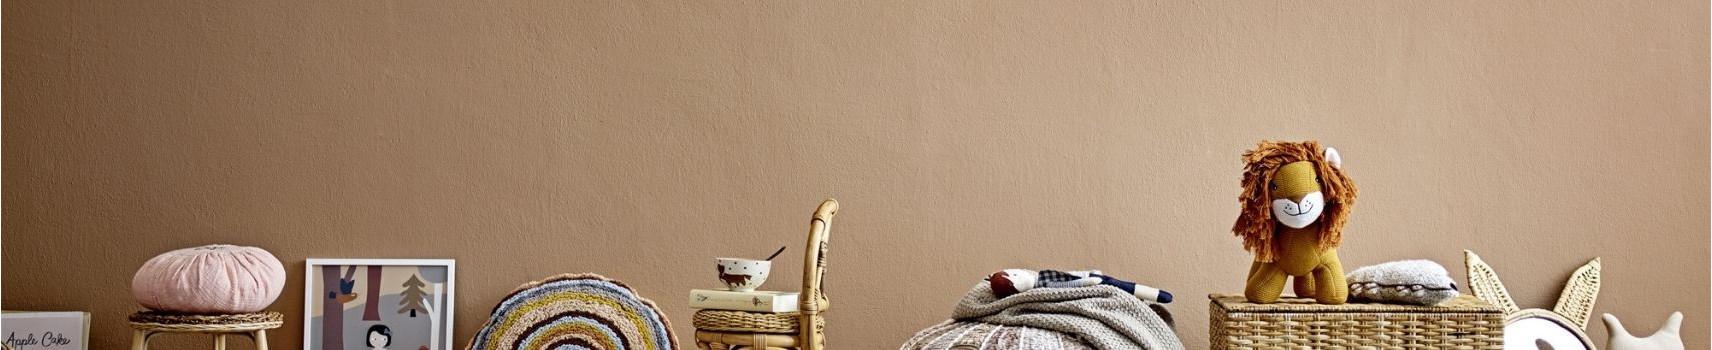 Univers bébé et Articles déco : linge de lit, plaid, peluche |Yesdeko